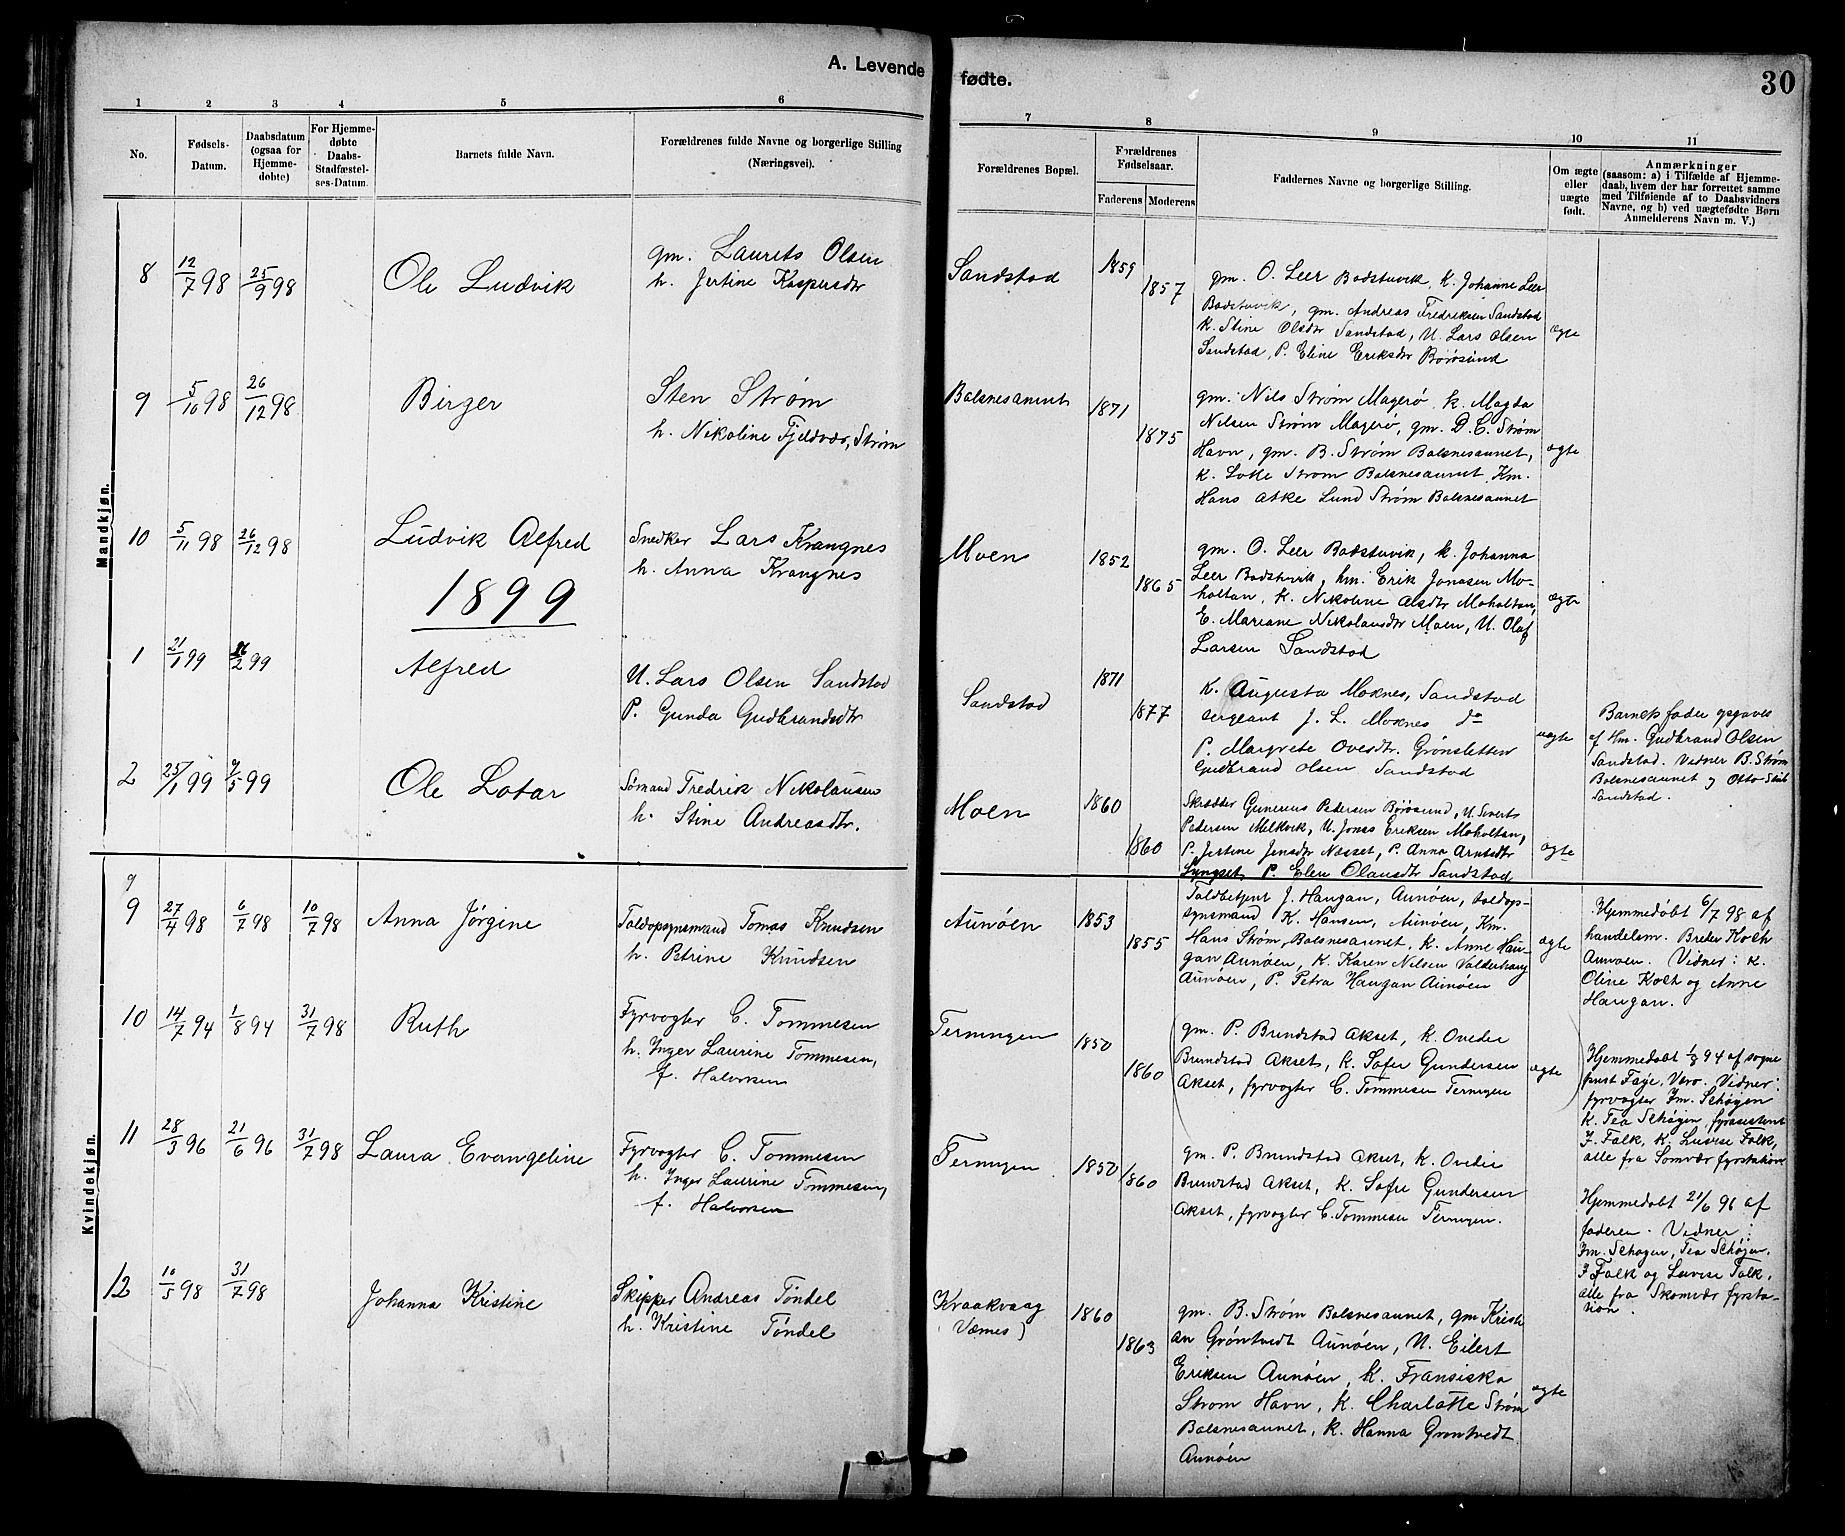 SAT, Ministerialprotokoller, klokkerbøker og fødselsregistre - Sør-Trøndelag, 639/L0573: Klokkerbok nr. 639C01, 1890-1905, s. 30